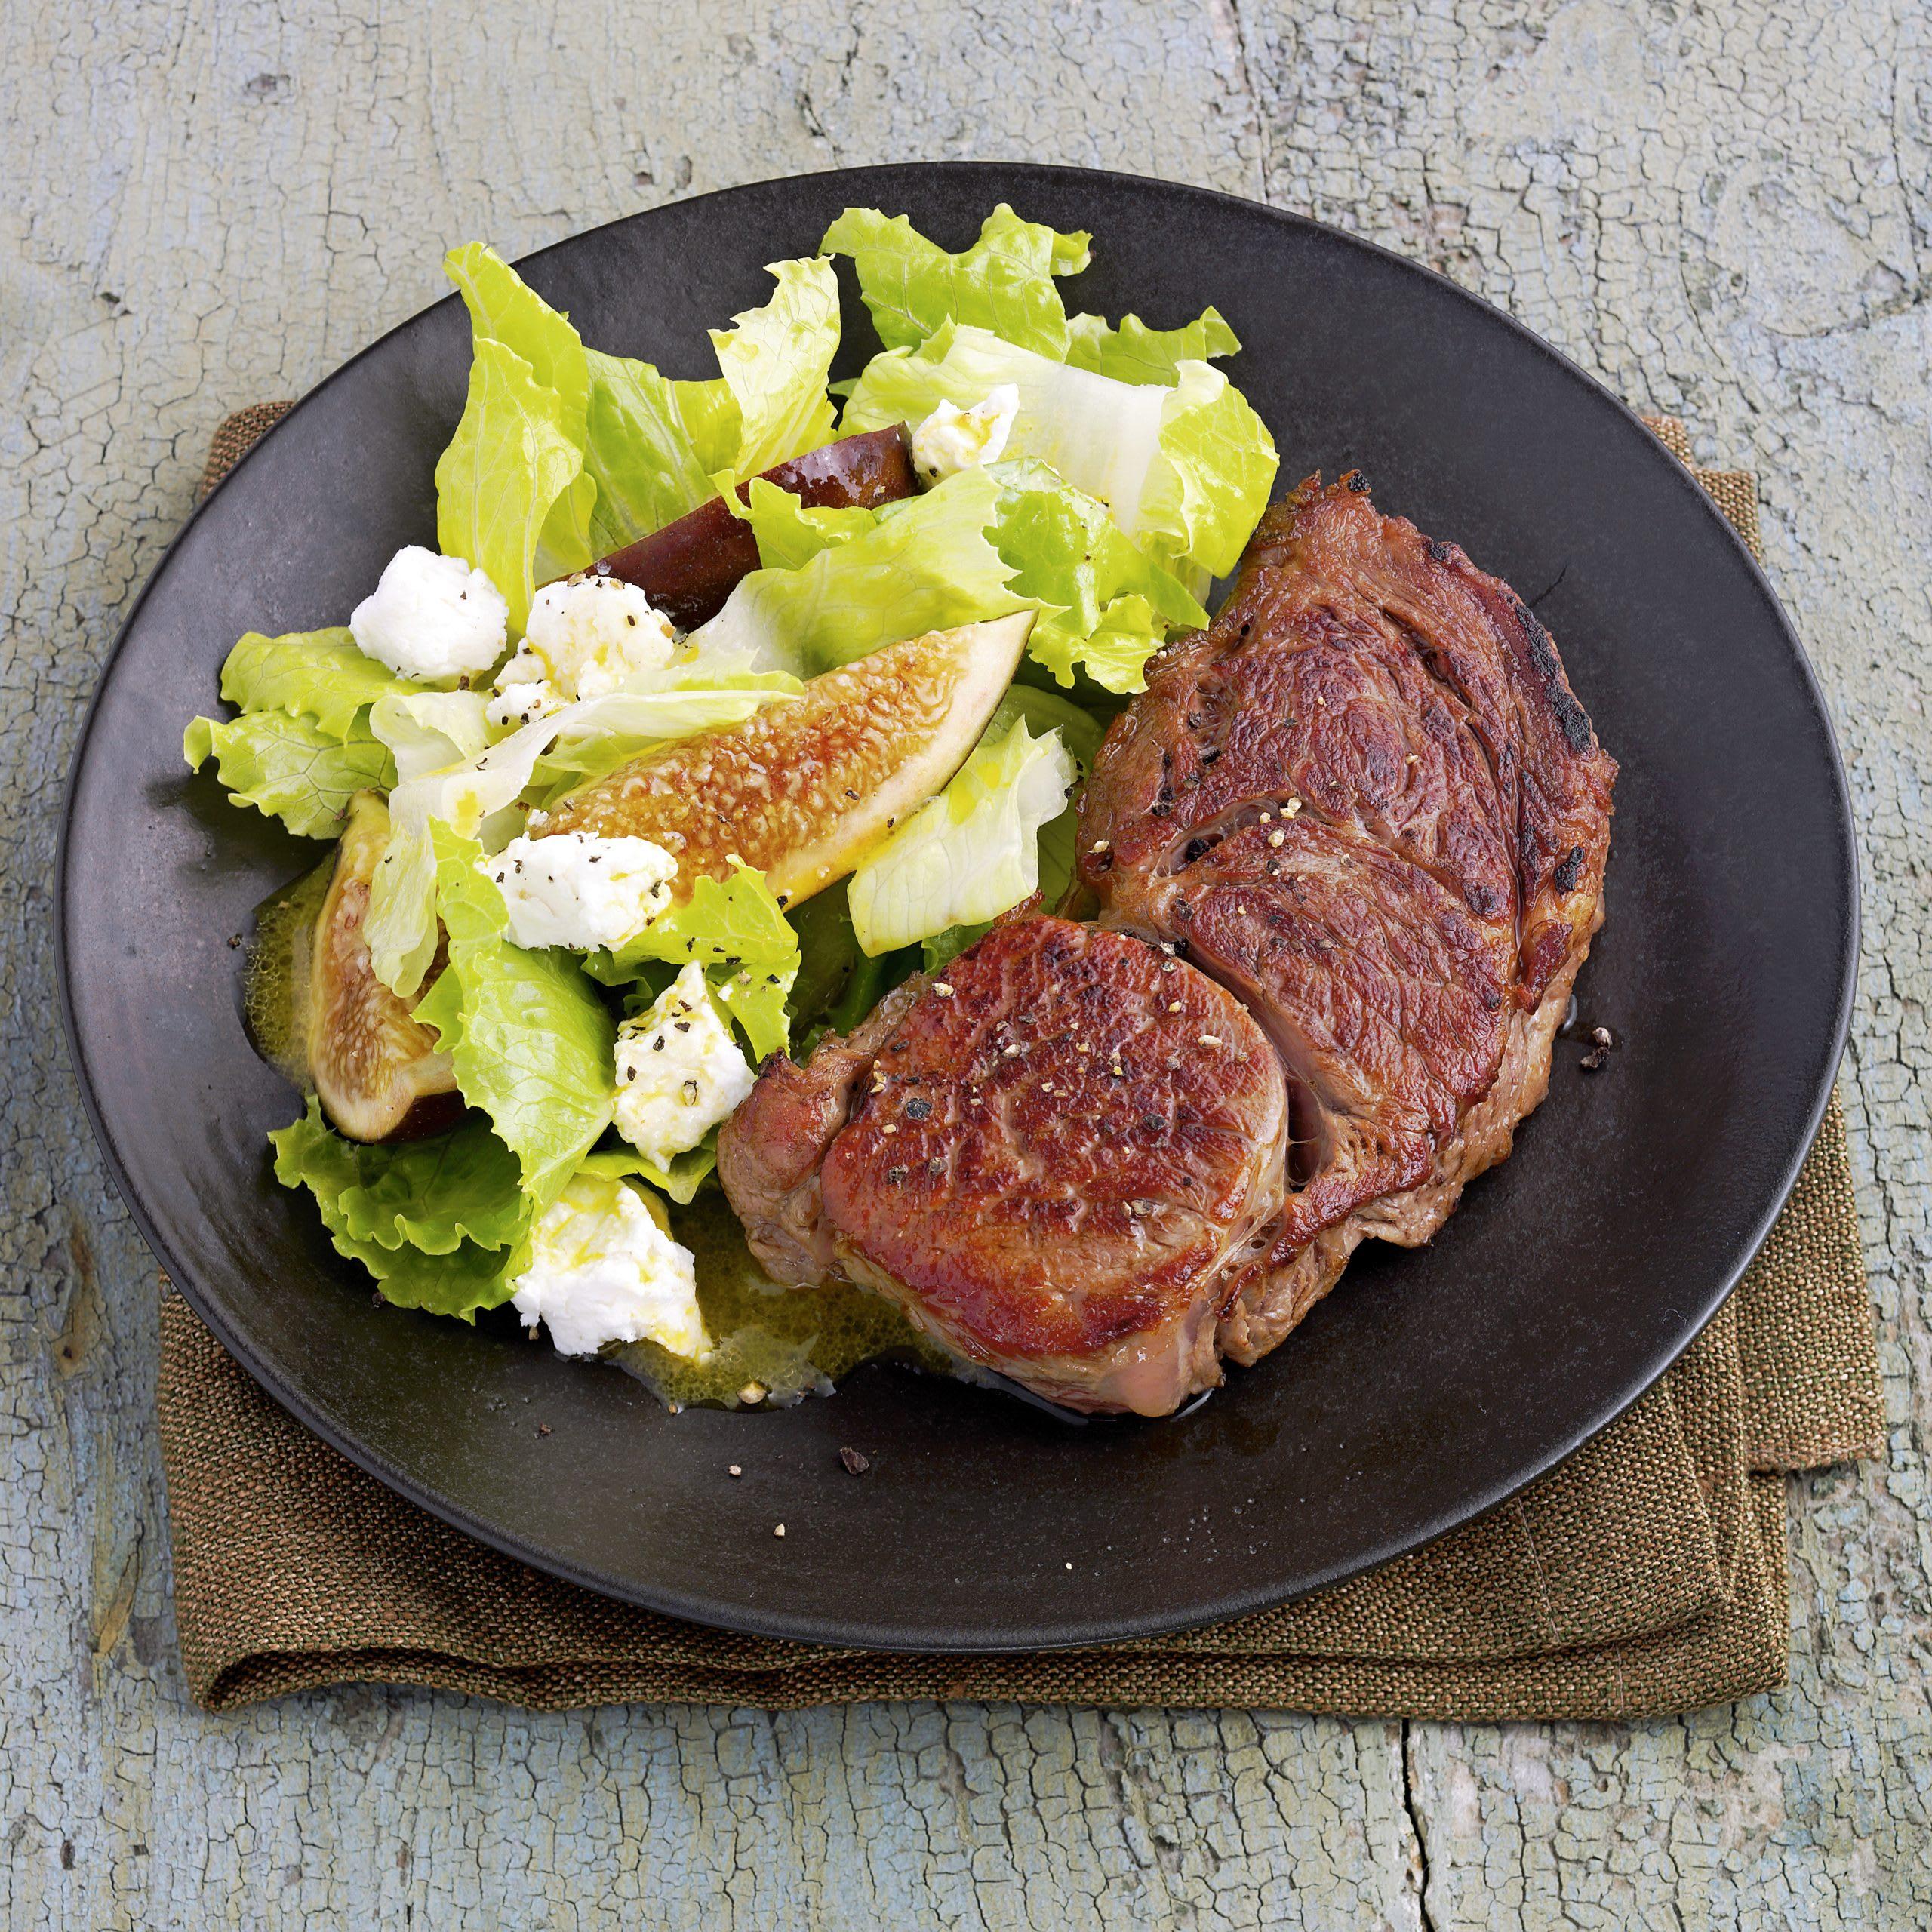 Kalbssteaks mit Feigen-Salat